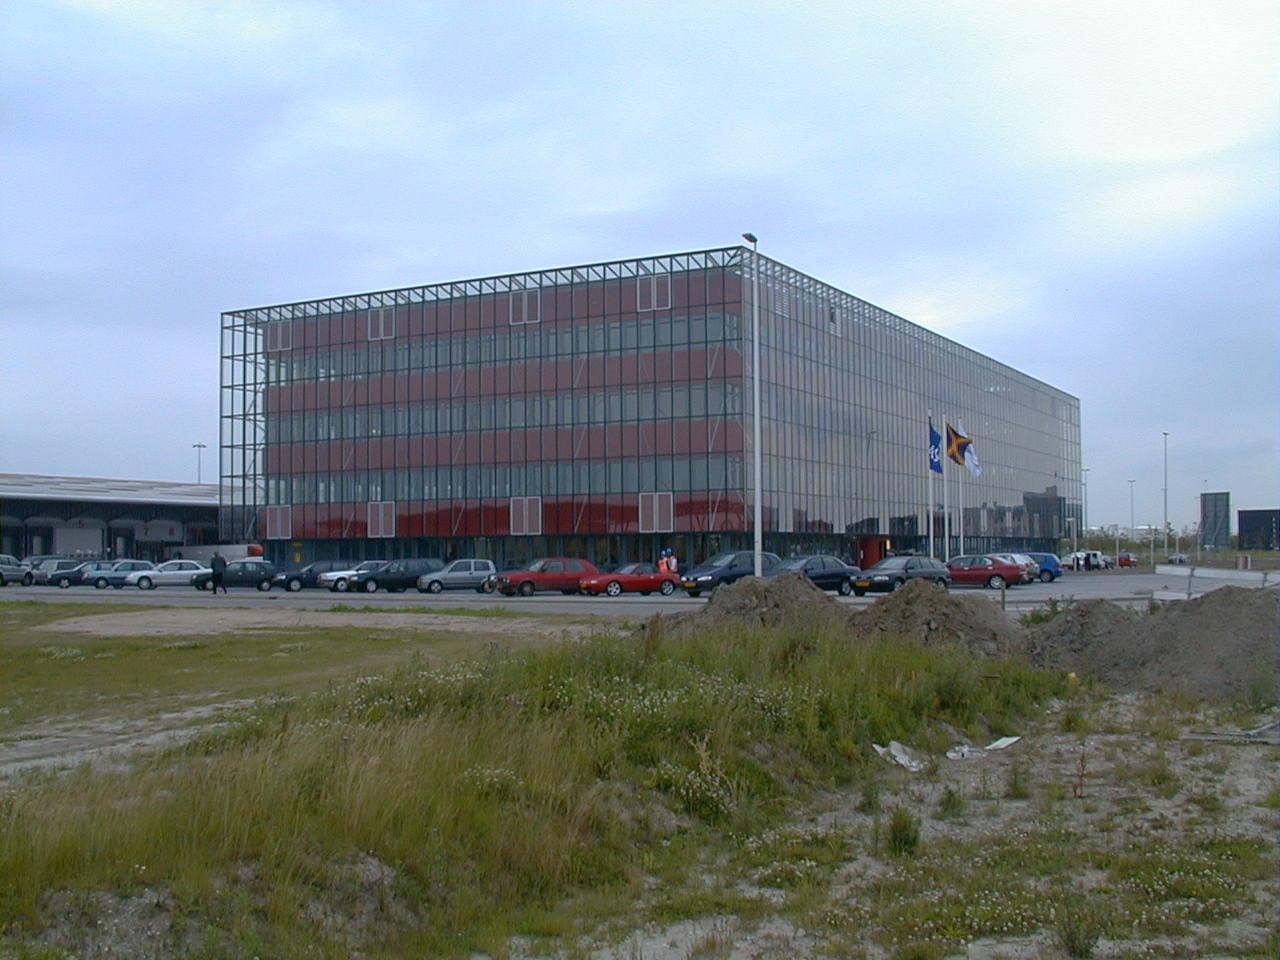 Kantoor verzamel gebouw Schiphol oost, Schiphol